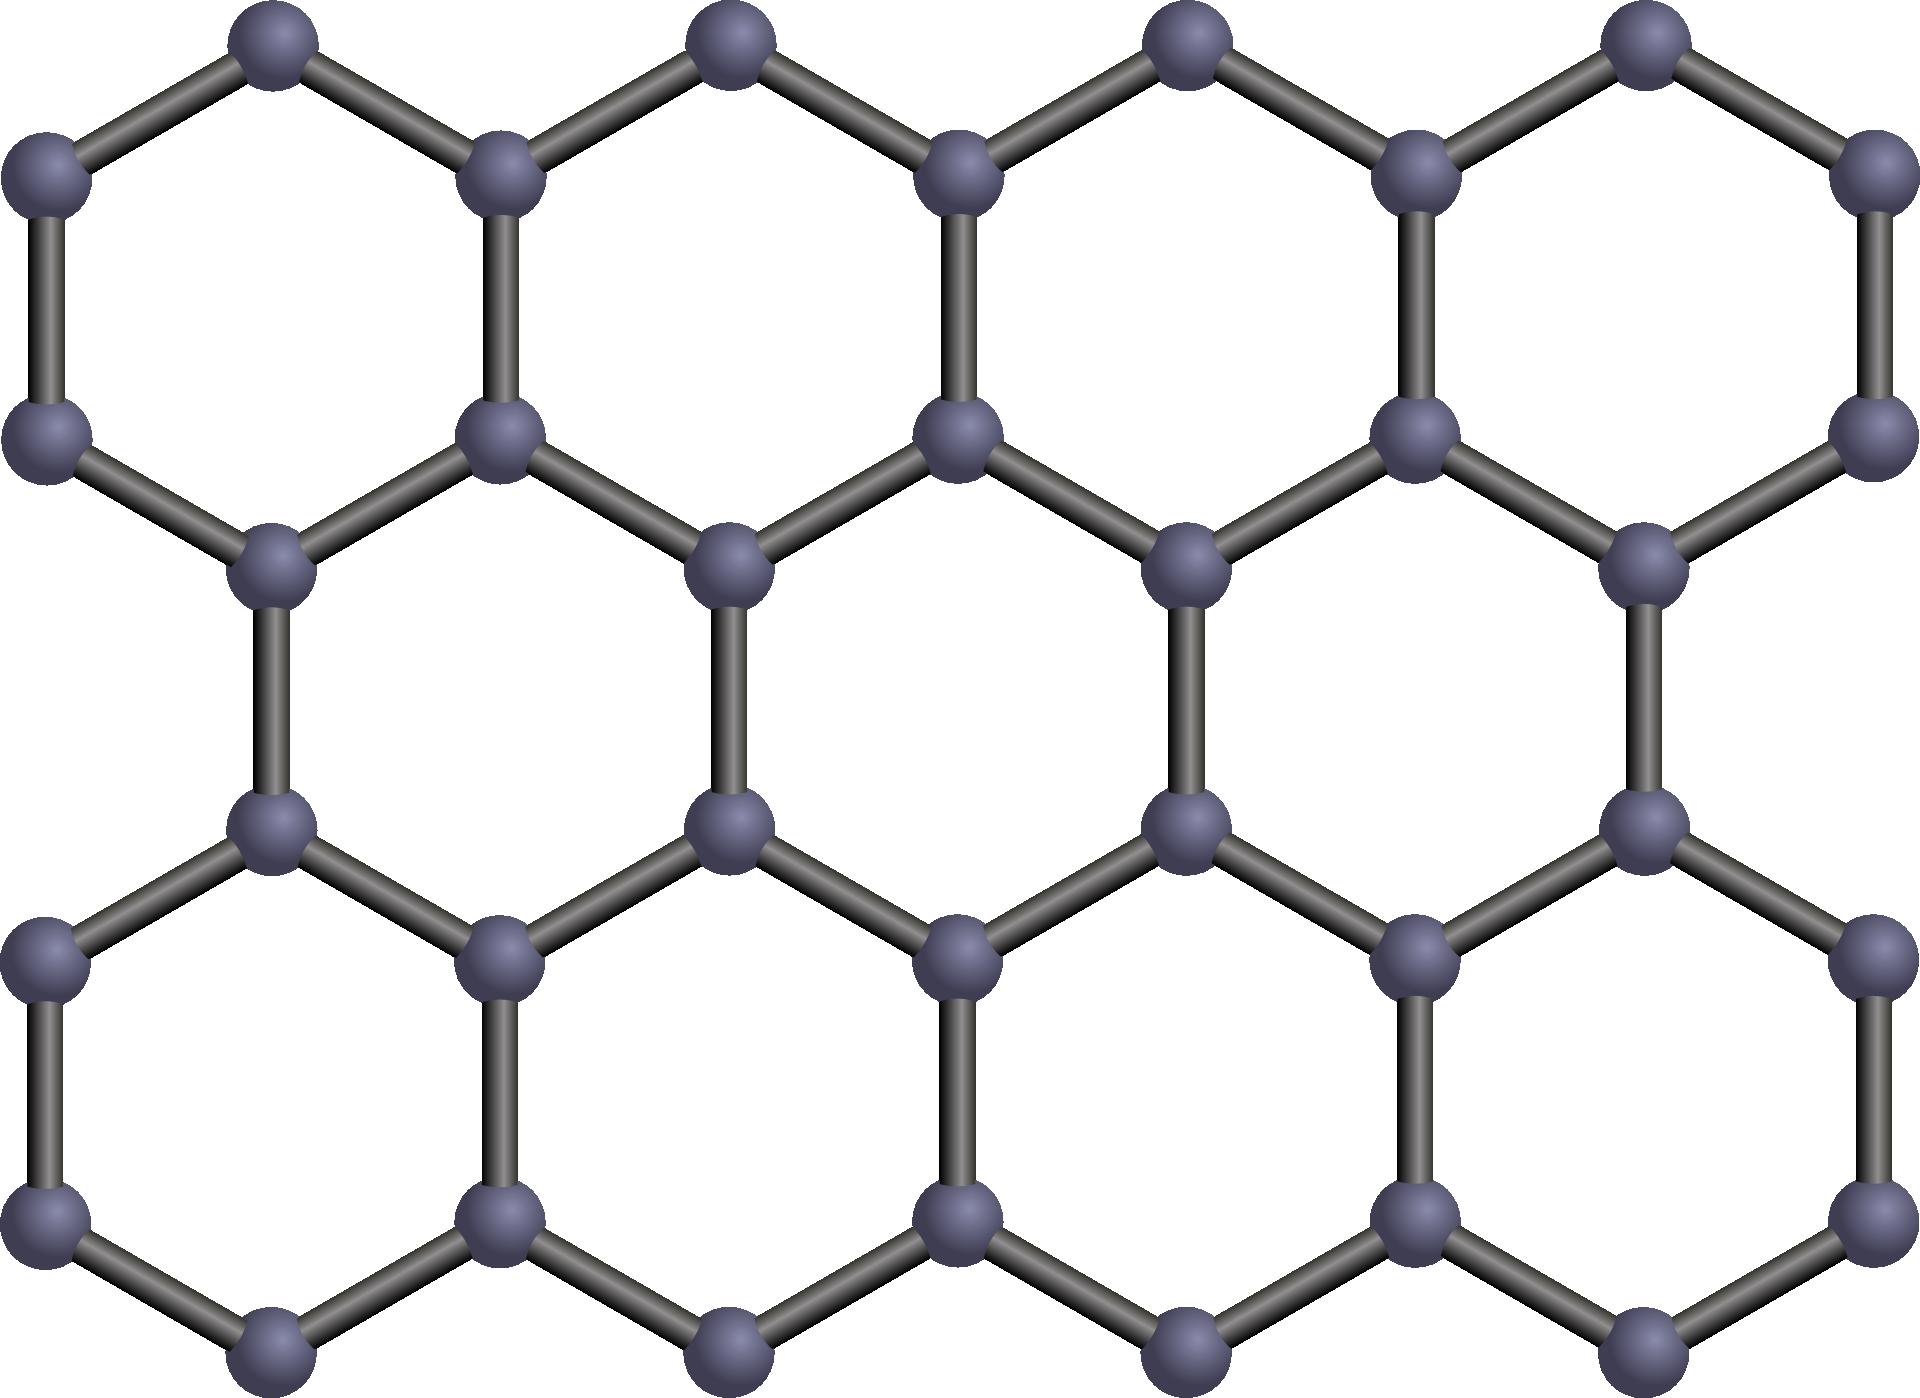 Grafeeni on atomin paksuinen hiilikalvo, jolla on tunnetuista aineista paras sähkönjohtokyky ja se on 40 kertaa vahvempaa kuin teräs. Grafeeni on myös kierrätettävää ja myrkytöntä.